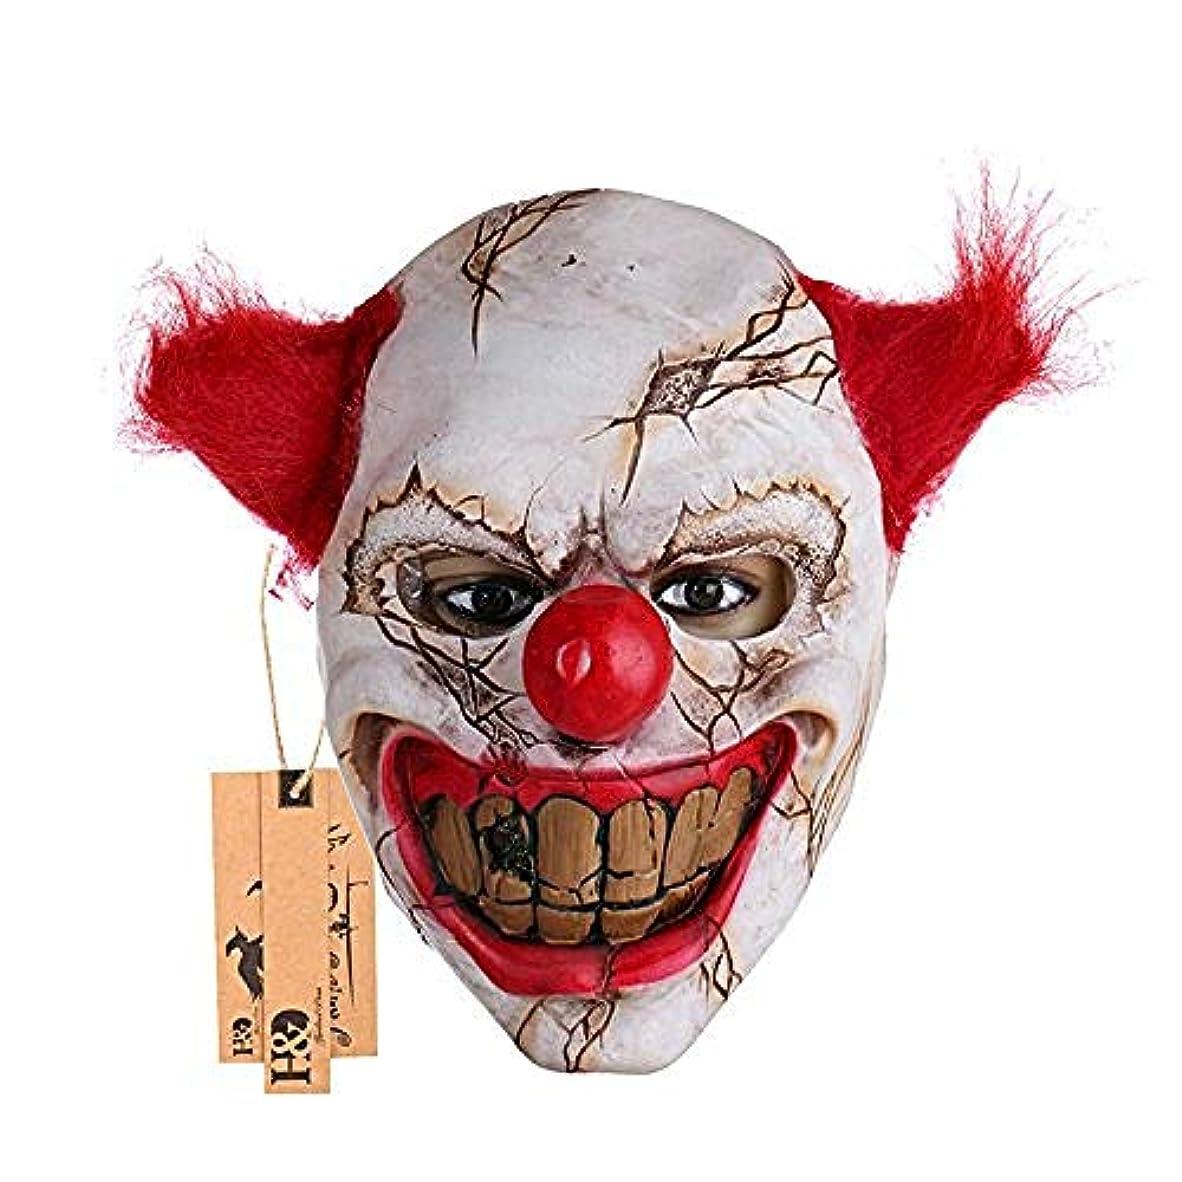 同時繕う許可ハロウィーンラテックスピエロマスク、コスチュームパーティー小道具マスク、透明な大きな口の赤い髪の鼻、コスプレホラーマスカレードマスクゴーストパーティー